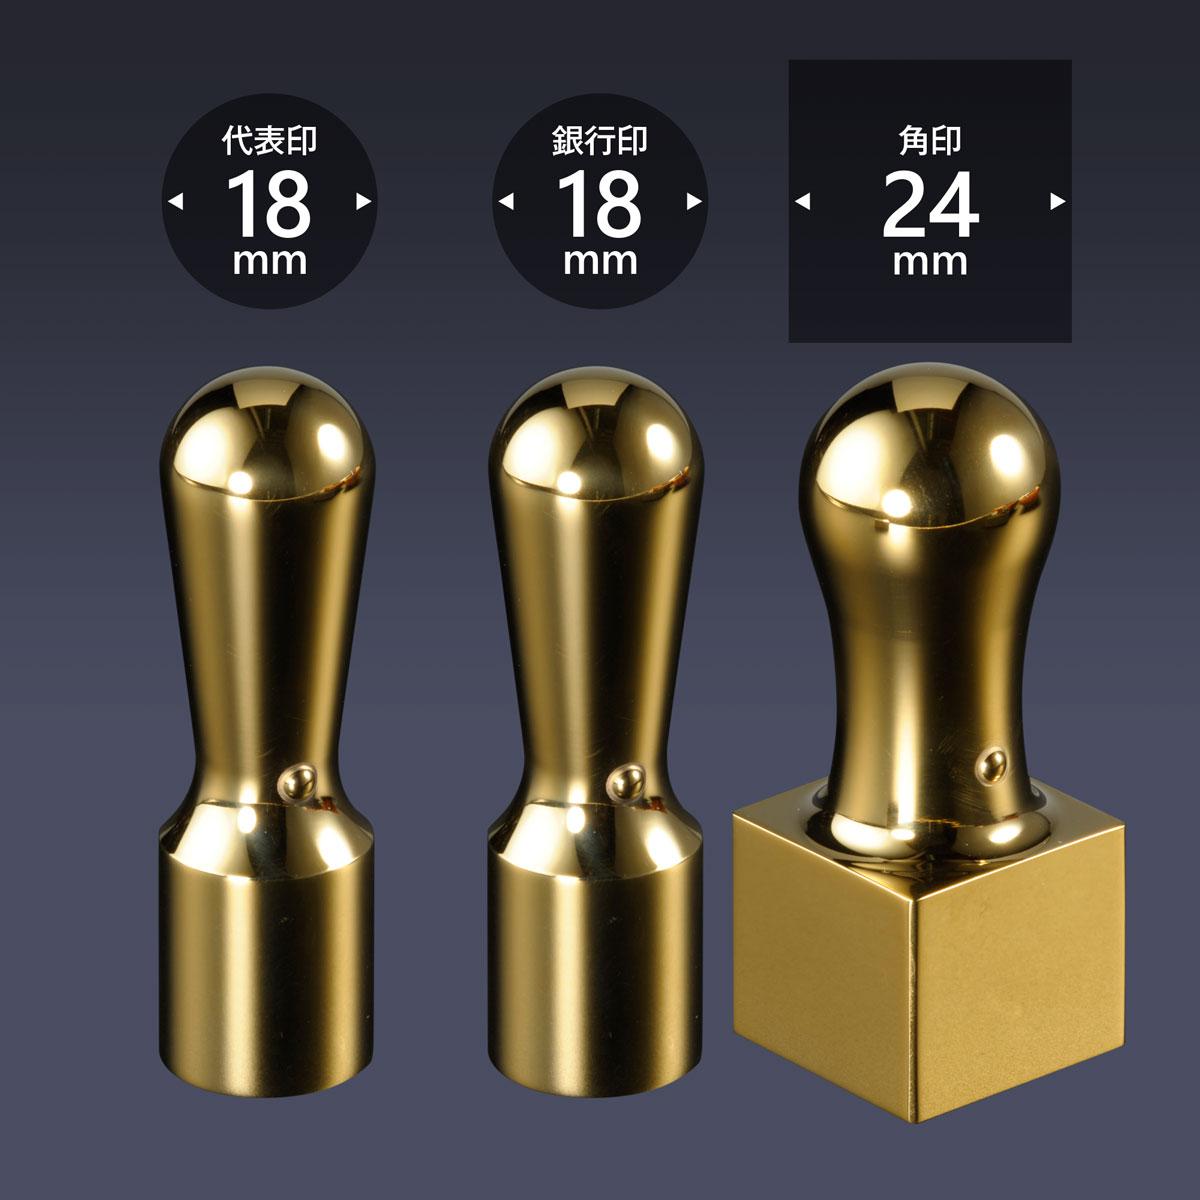 会社印 ミラーチタン(ゴールド)3本F24セット/送料無料 法人 会社設立 実印 銀行印 角印 女性 法人印鑑 社印